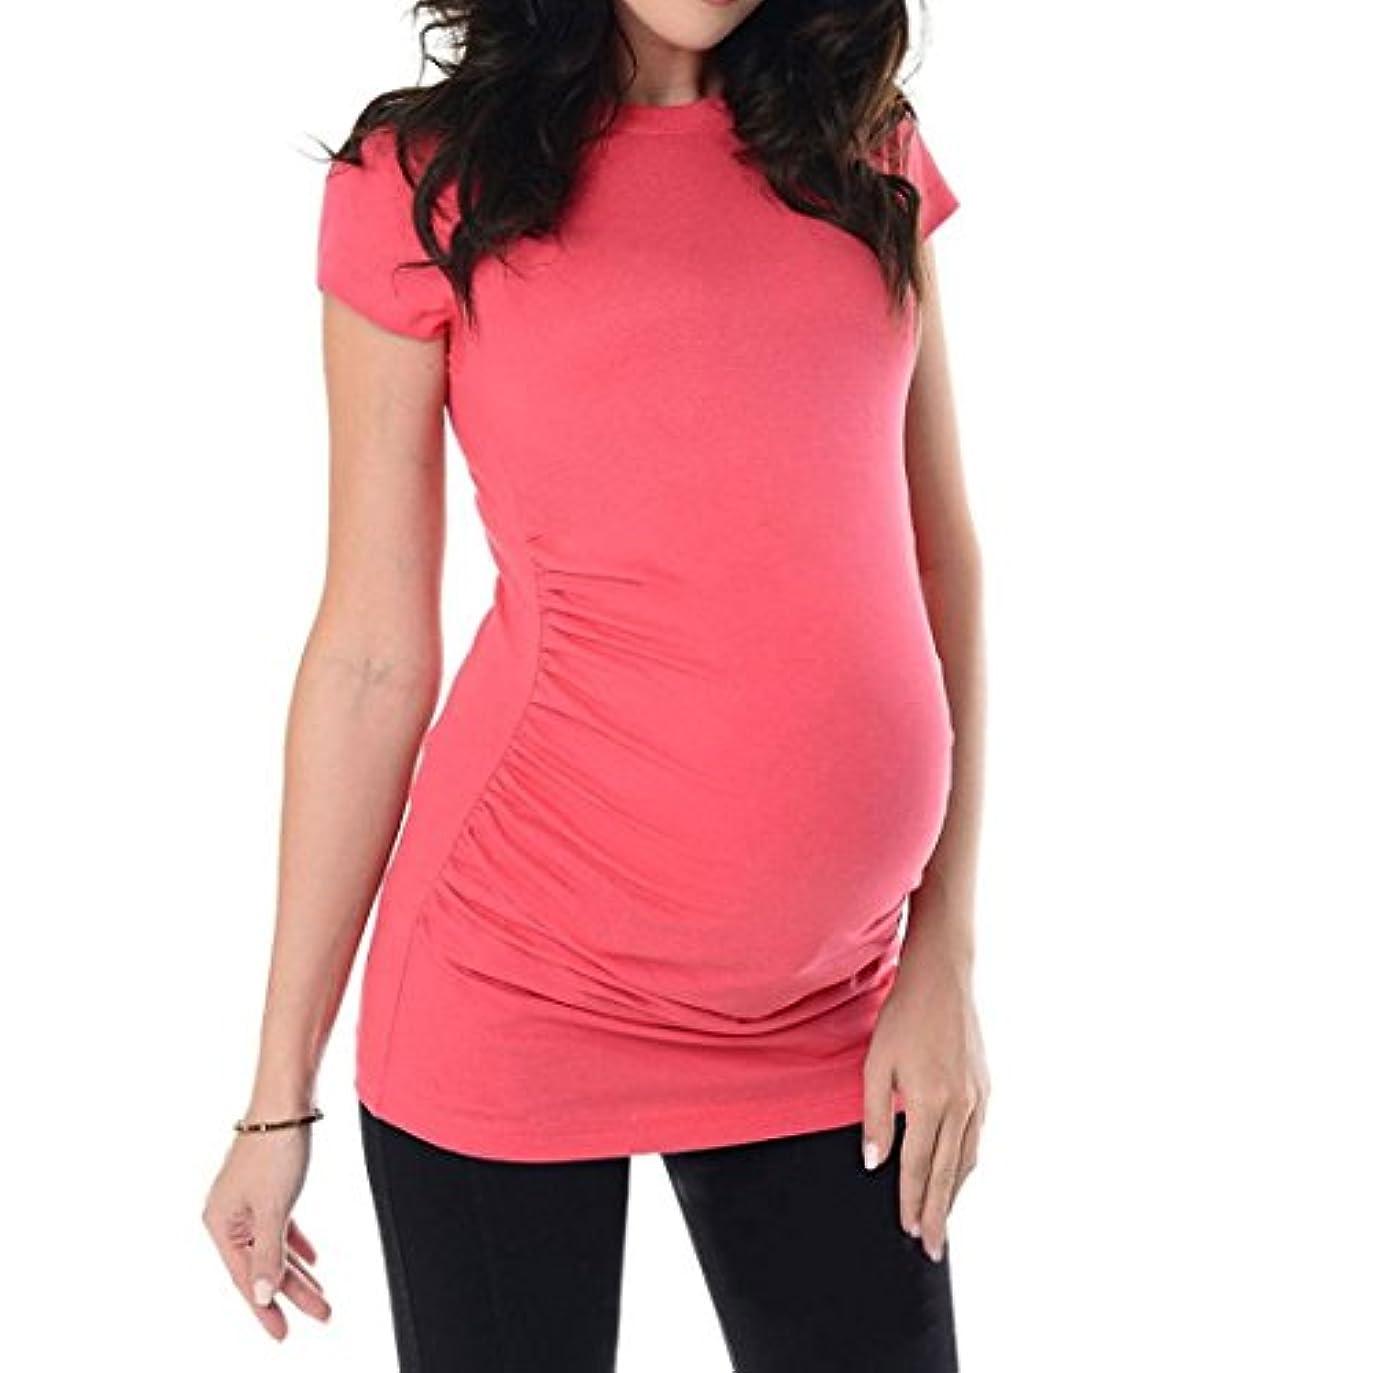 然とした丈夫疑問に思うSakuraBest Pregnant Women's Summer Short Sleeves Maternity Solid Long T Shirt